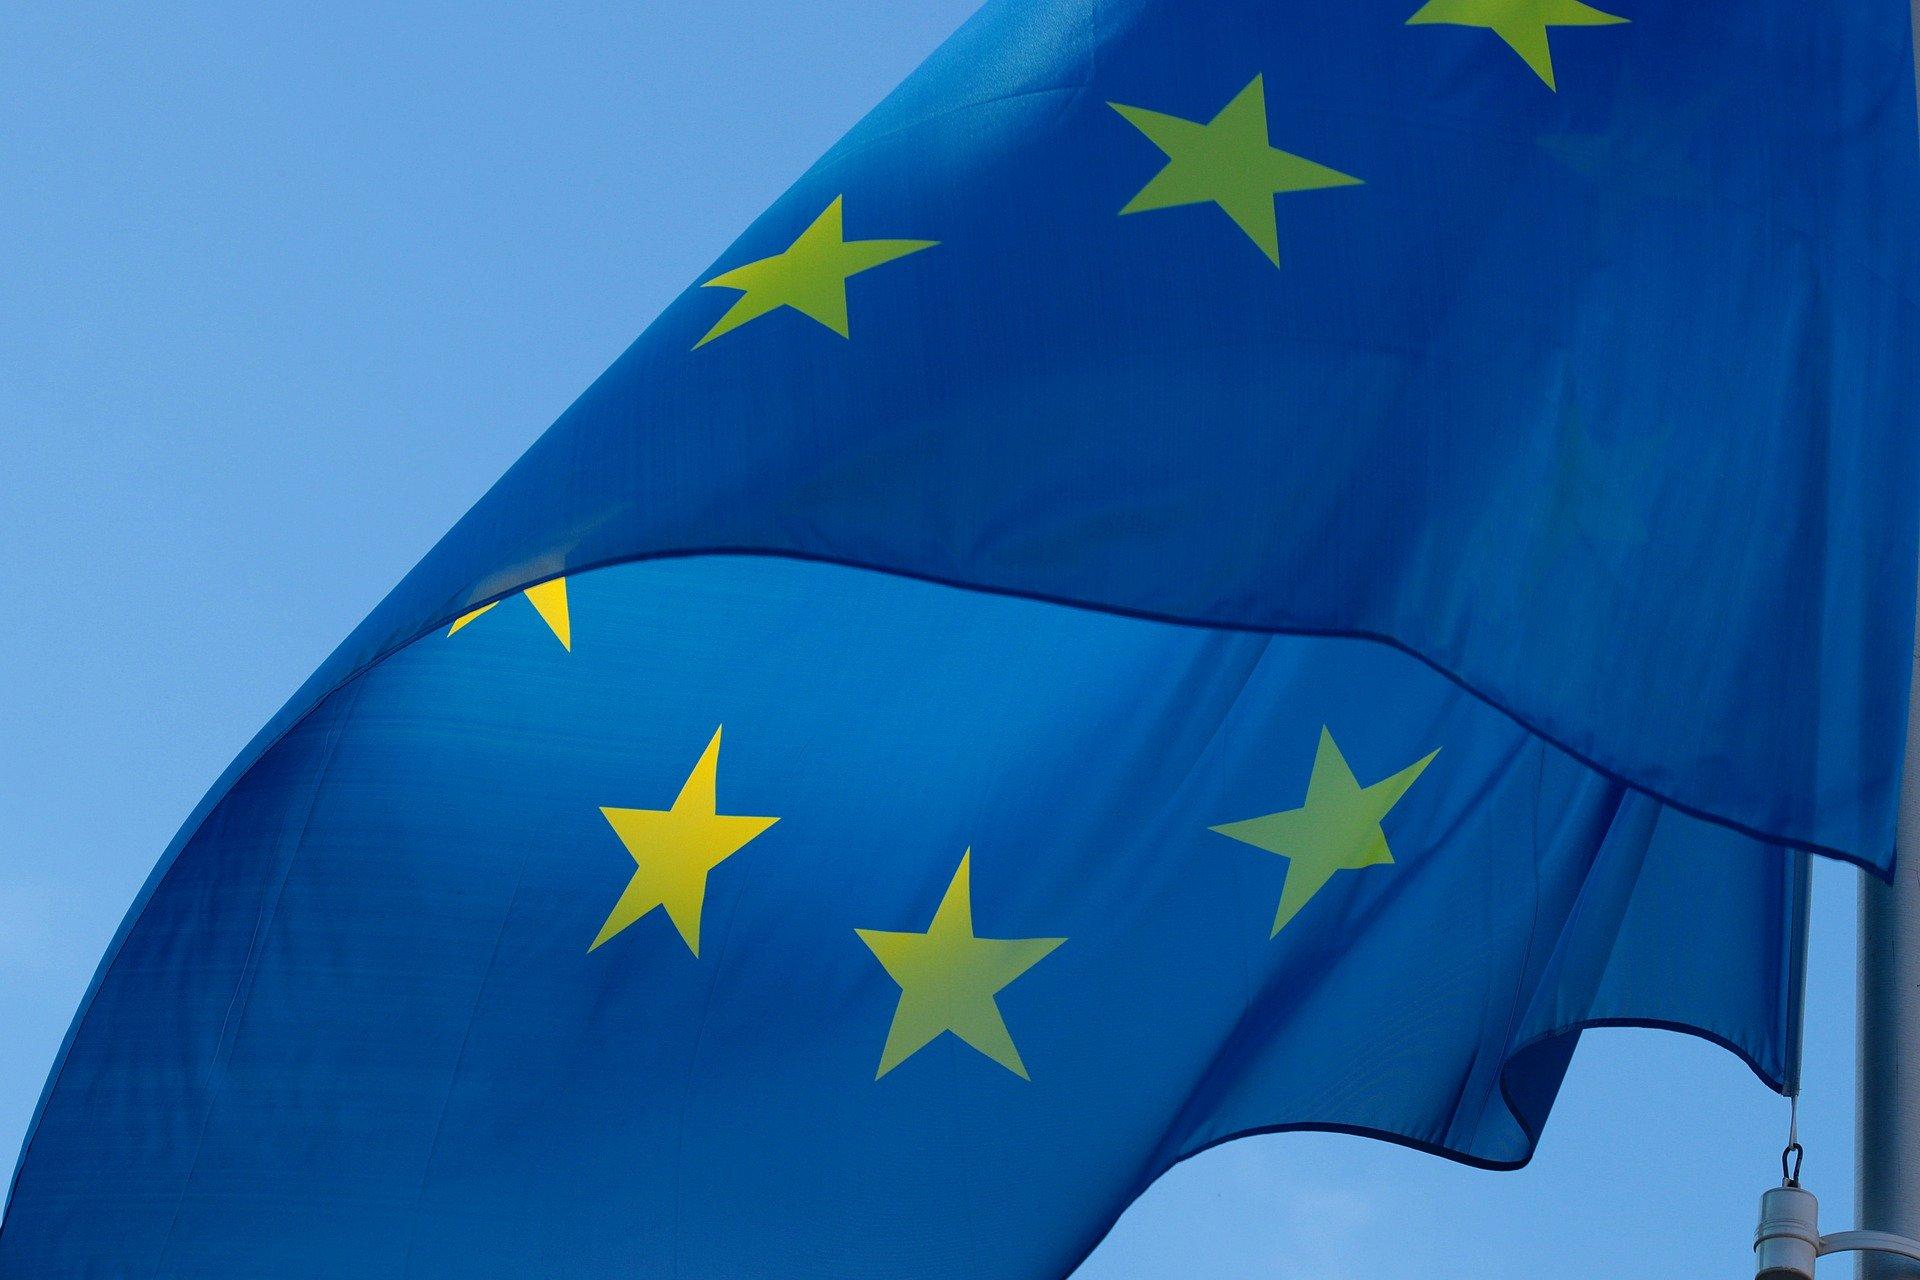 flagge_fahne_eu_europäische union